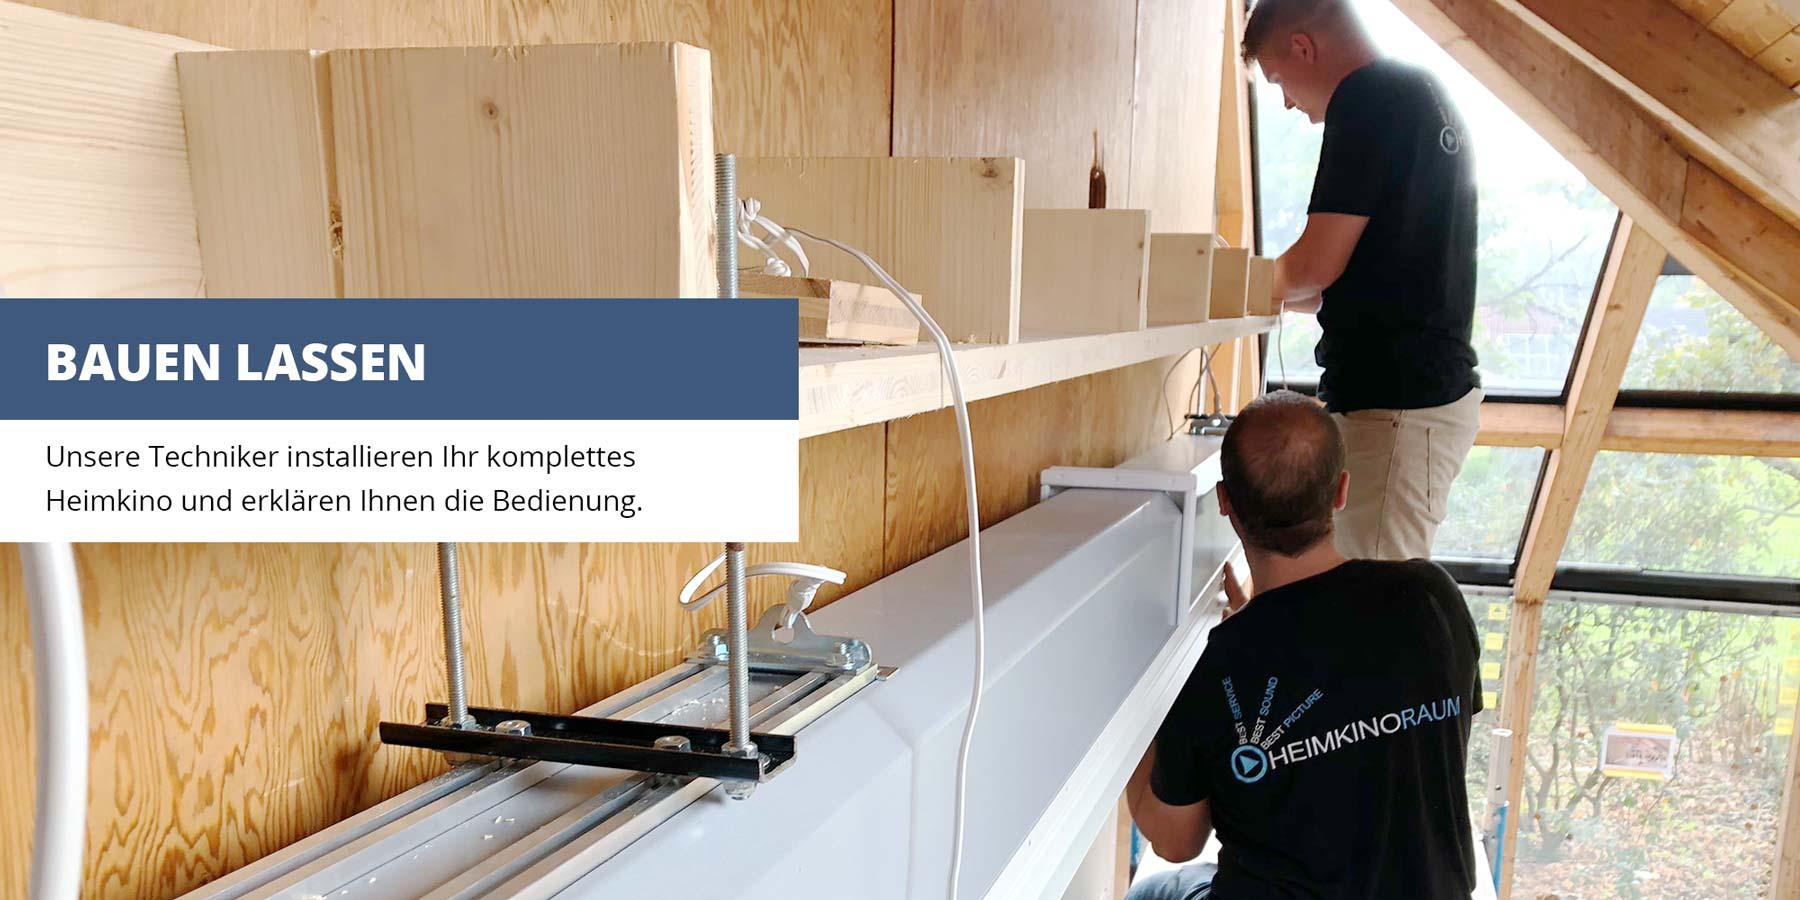 Unsere Techniker installieren Ihr komplettes Heimkino und erklären Ihnen die Bedienung.